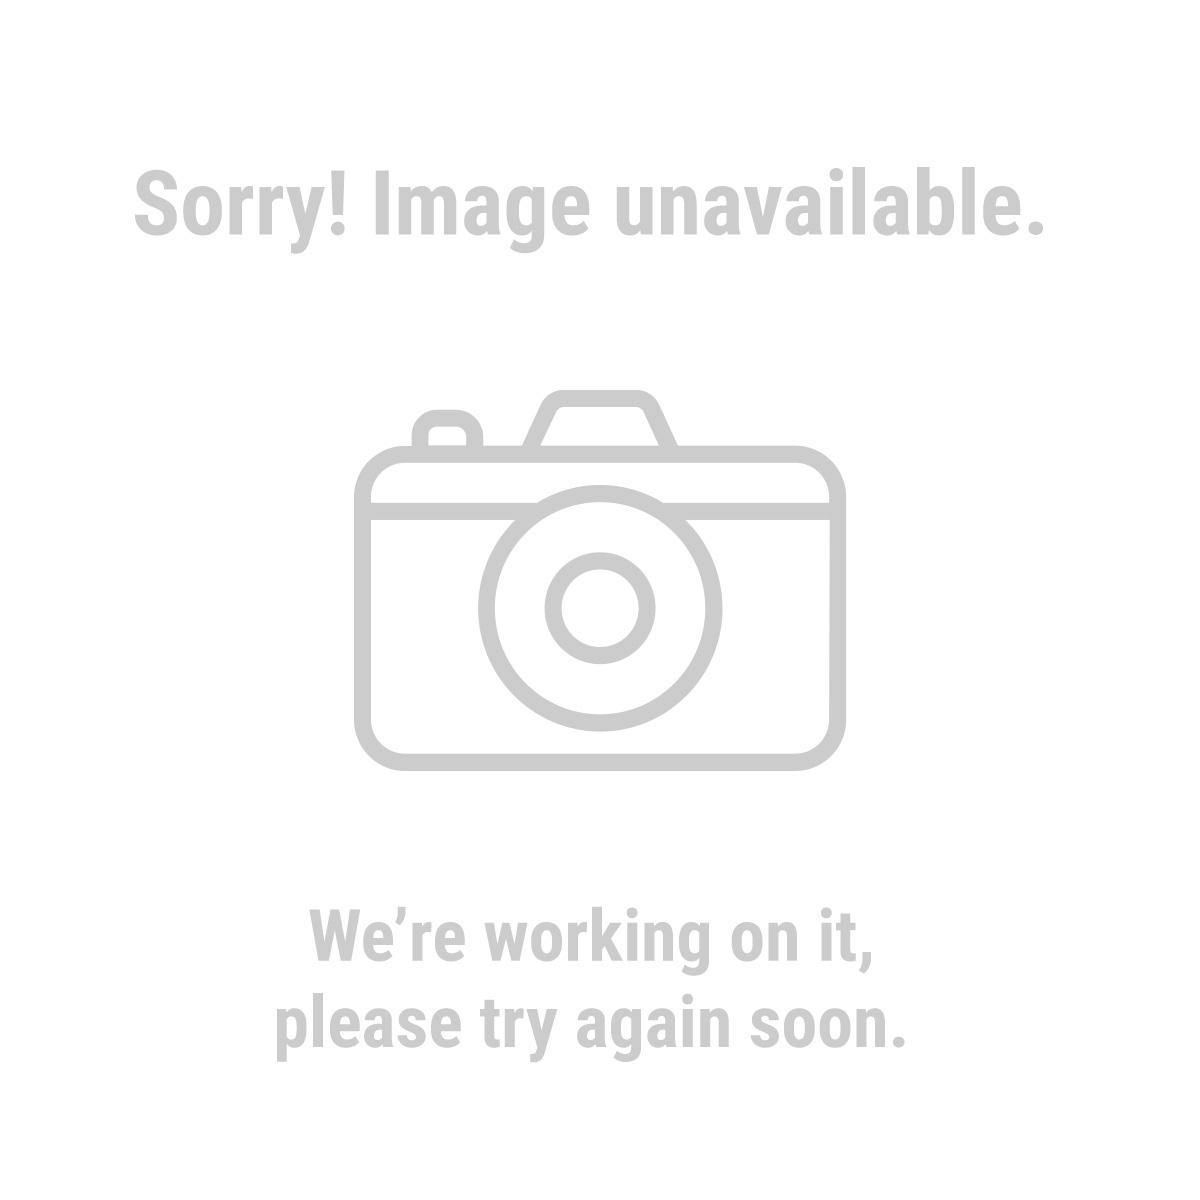 """Haul-Master 44144 12"""" Spare Tire and Rim"""